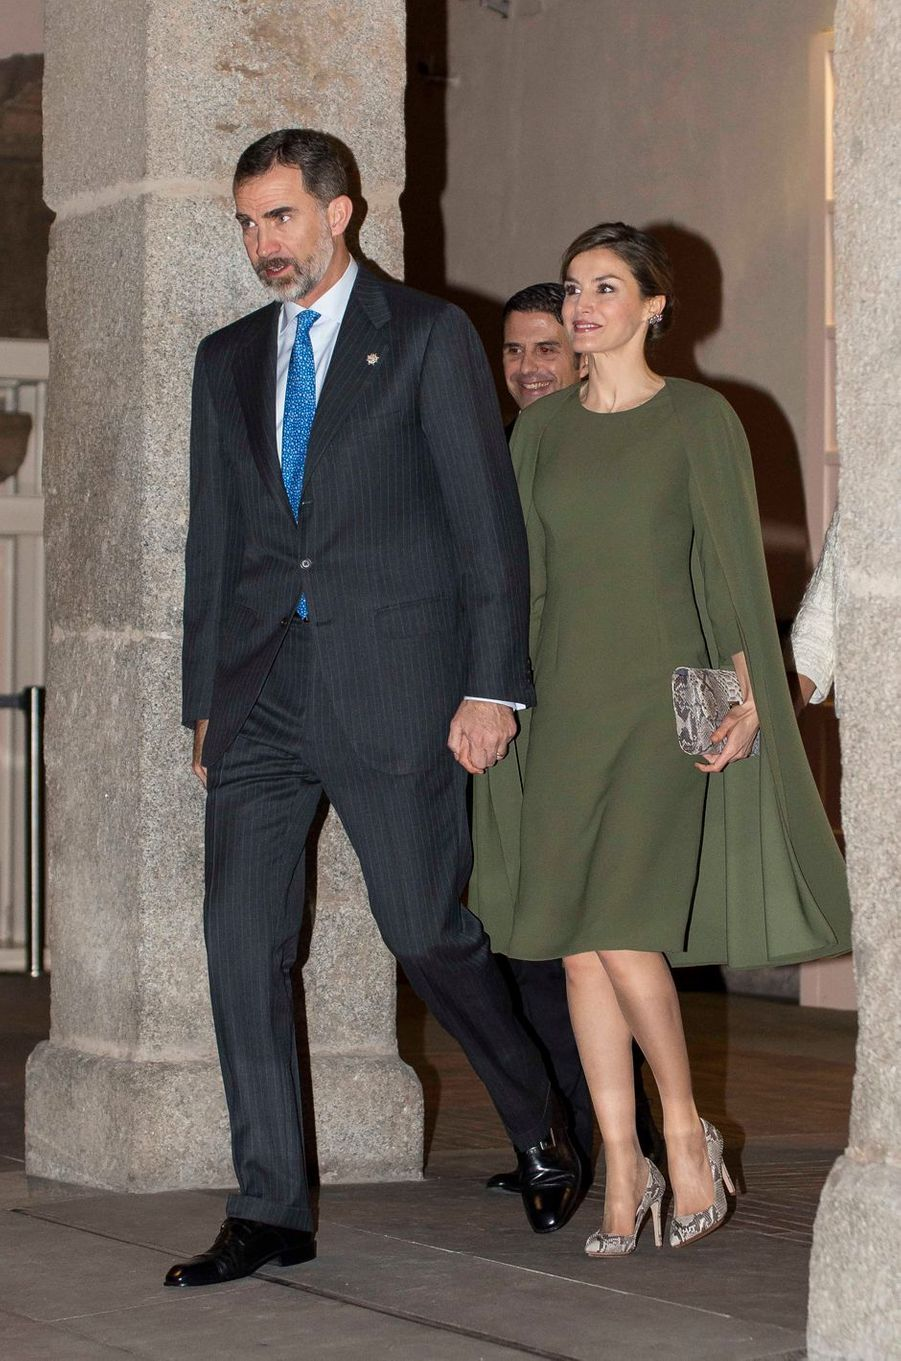 La reine Letizia et le roi Felipe VI d'Espagne au Musée archéologique régional à Alcalá de Henares, le 6 février 2017